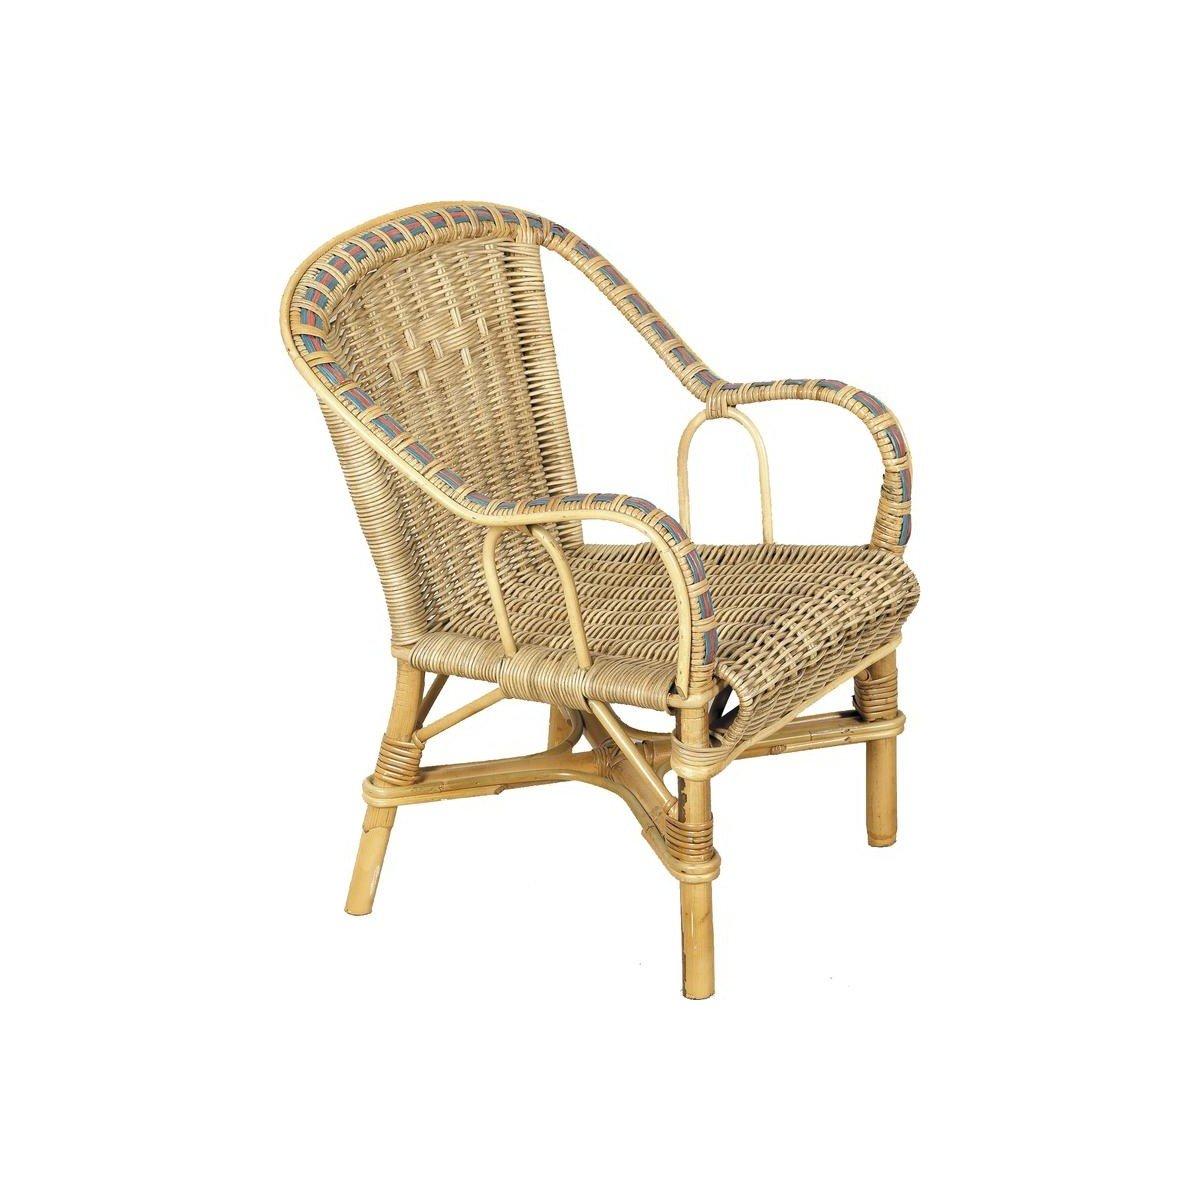 genuina alta calidad Aubry Gaspard Gaspard Gaspard NFE 1350 sillón Infantil de ratán  tienda hace compras y ventas